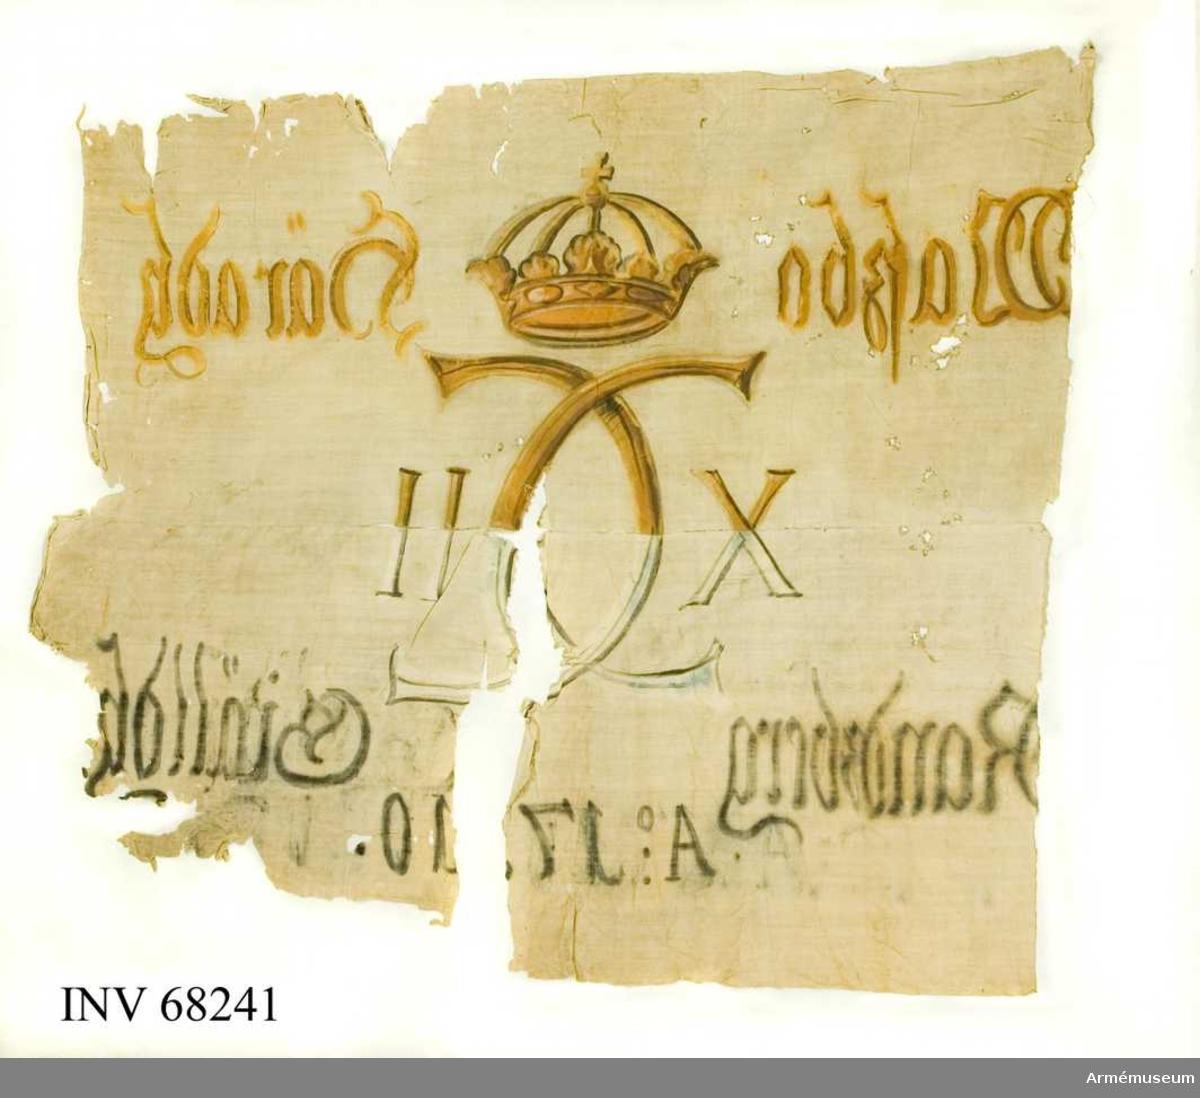 Duk: Sydd av två våder, horisontellt sammansydda (kastade med blå taft från dukens insida). Övre våden målad i ockra, nedre i svart och blått.  Dekor:  Målad endast från dukens insida, Karl XII:s namnchiffer, dubbelt C med X-II på ömse sidor, krönt med sluten krona, på det övre fältet i gult och brunt på det nedre i blått och svart. Text på ömse sidor om chiffret X-II. Övre våden i gult och brunt, nedre i blått och svart, mycket blekt nästan vitt. Text på ömse sidor om chiffret, upptill i gult och nedtill i svart. Under chiffret text i svart.